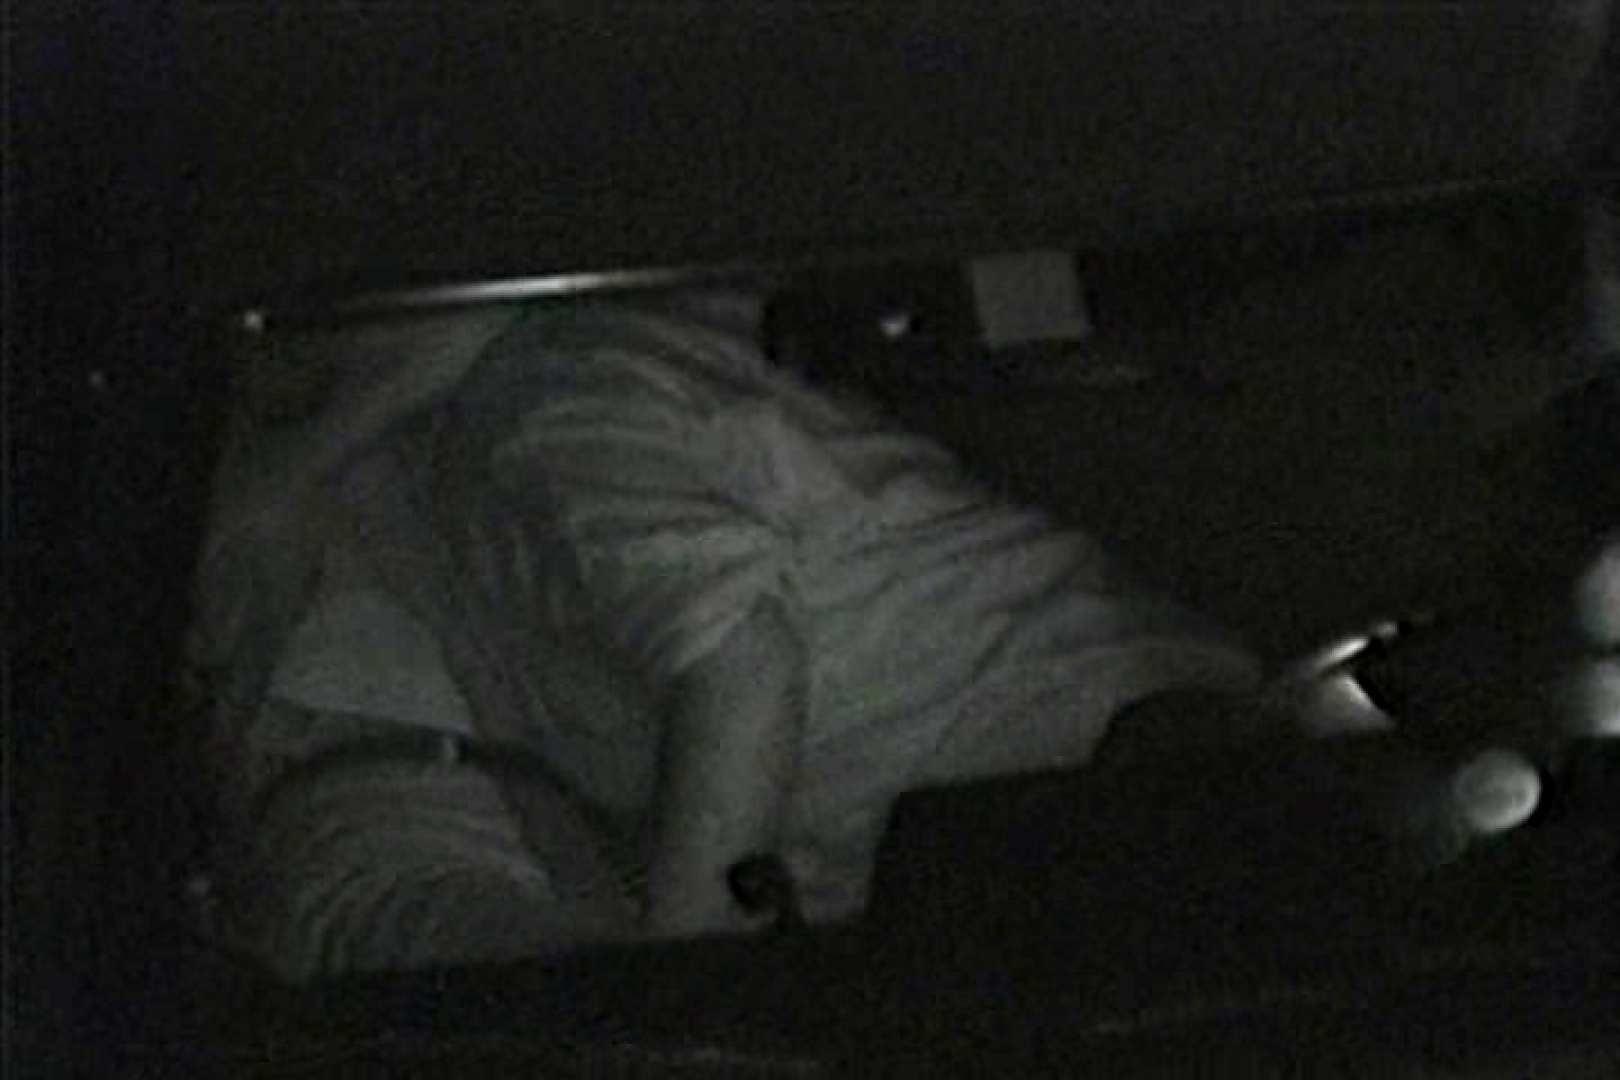 車の中はラブホテル 無修正版  Vol.7 カーセックス 性交動画流出 81画像 31